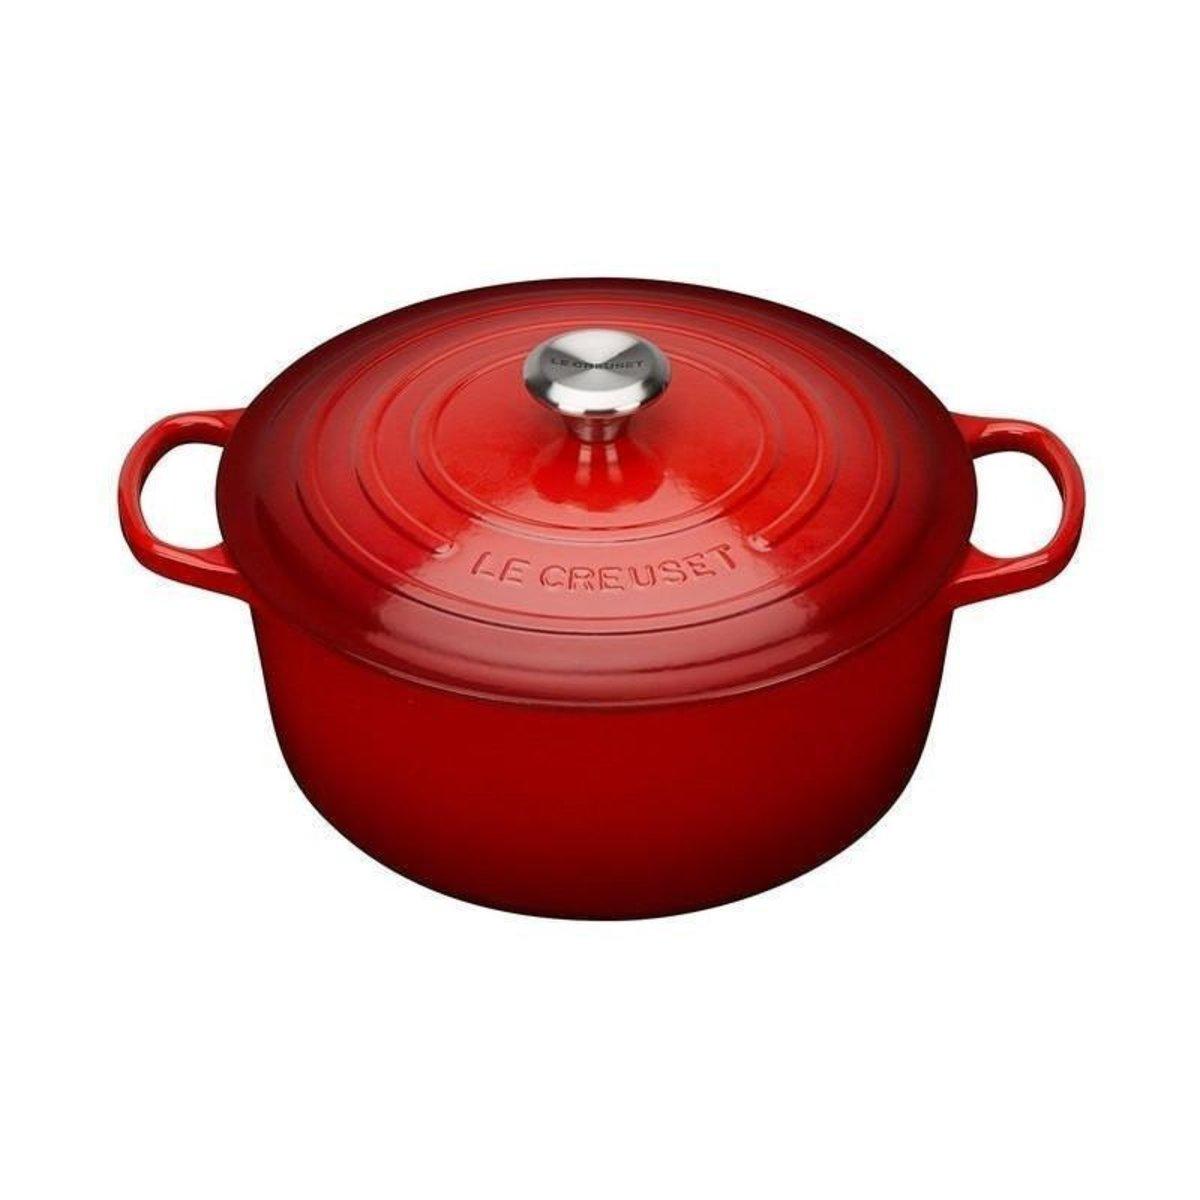 鑄鐵鍋 紅 Cerise - 18cm